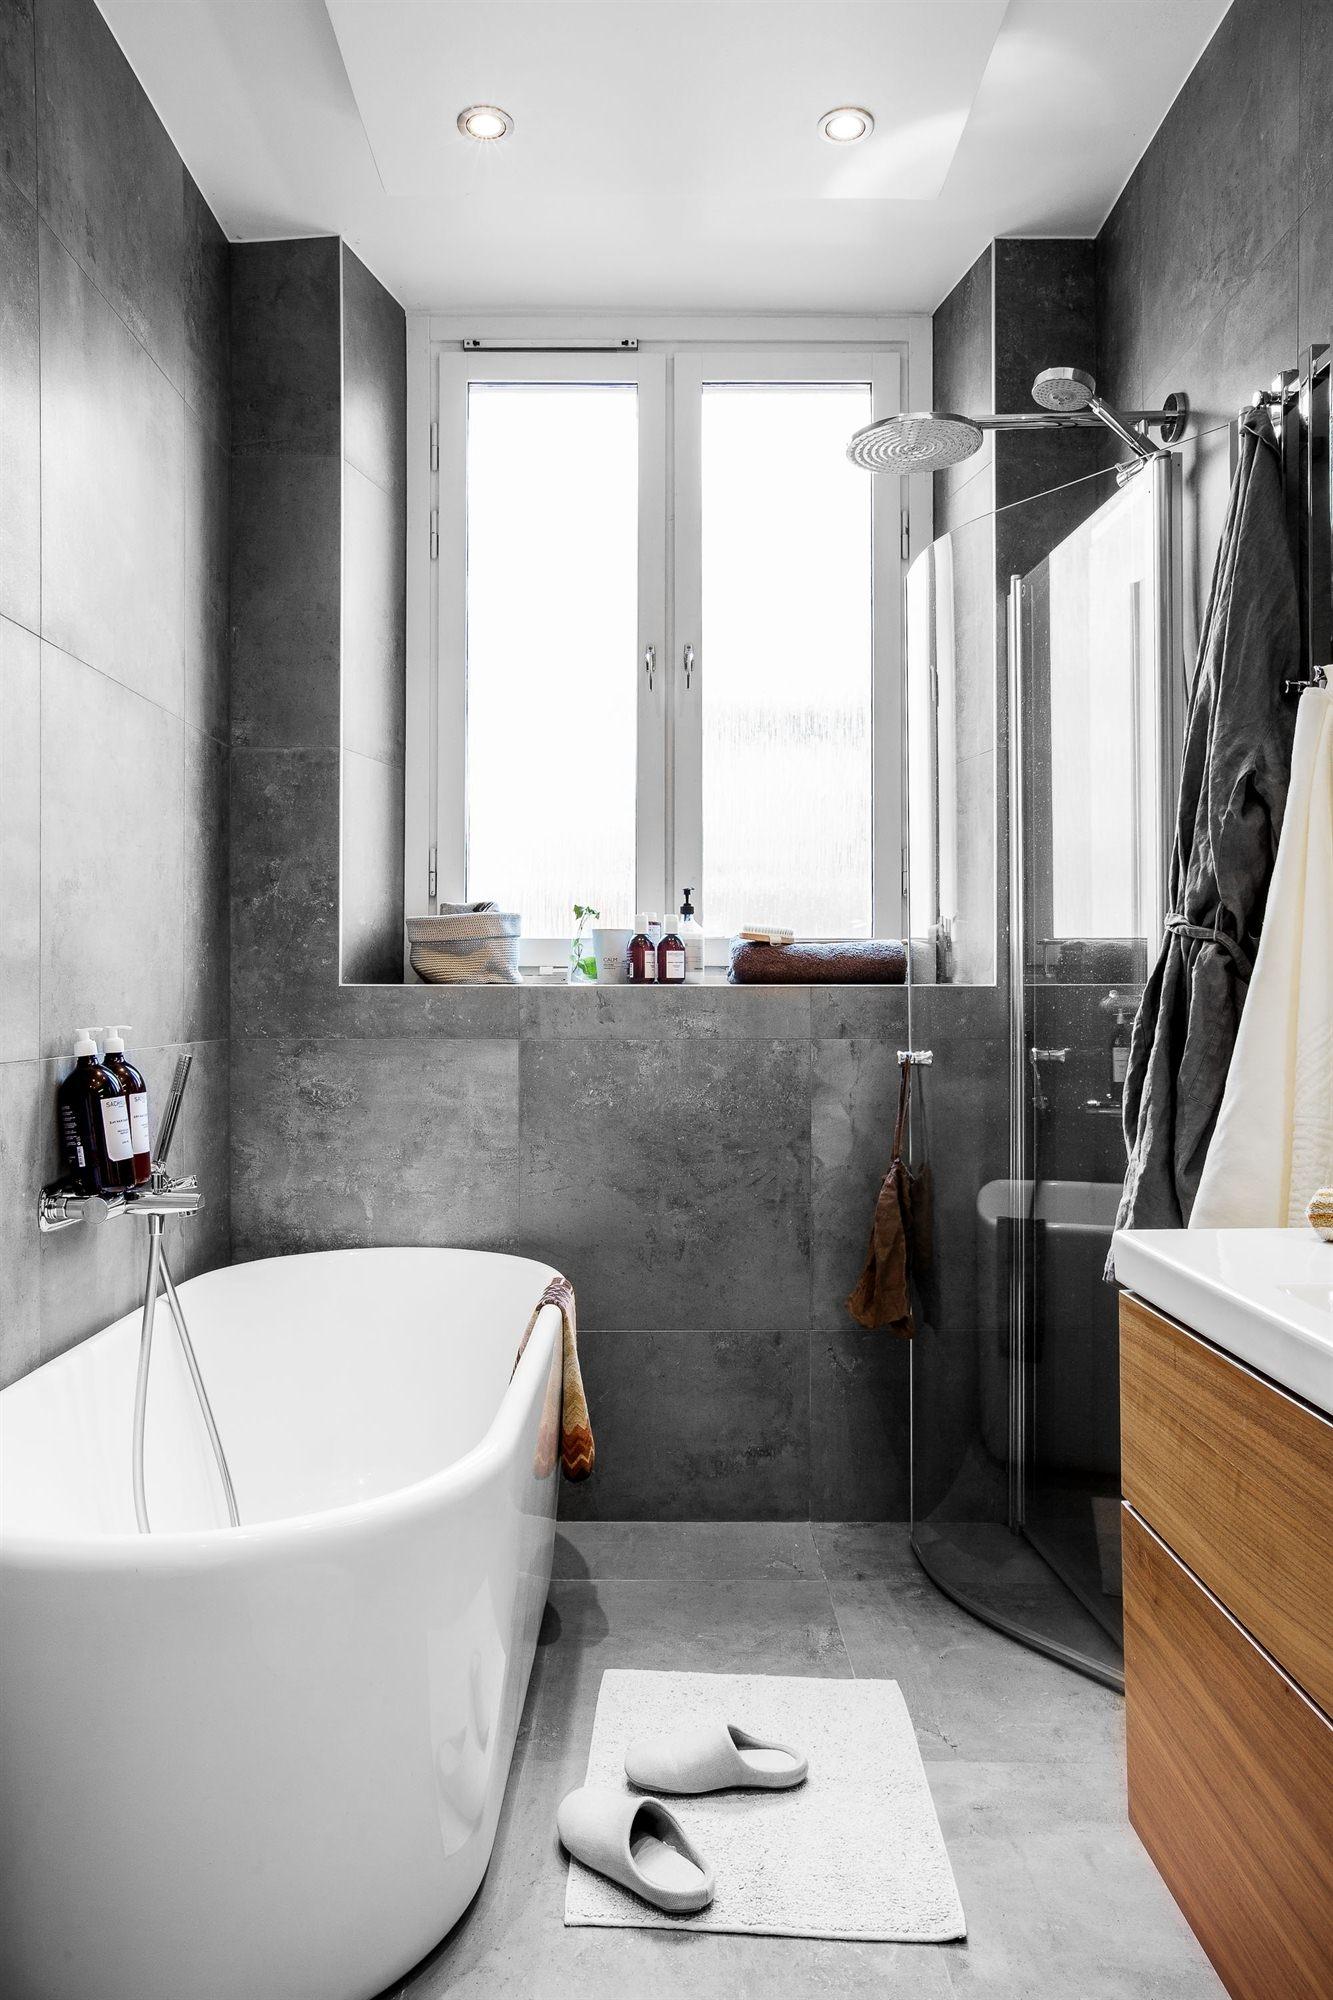 ванная комната окно ванна смеситель душевая кабина раковина комод